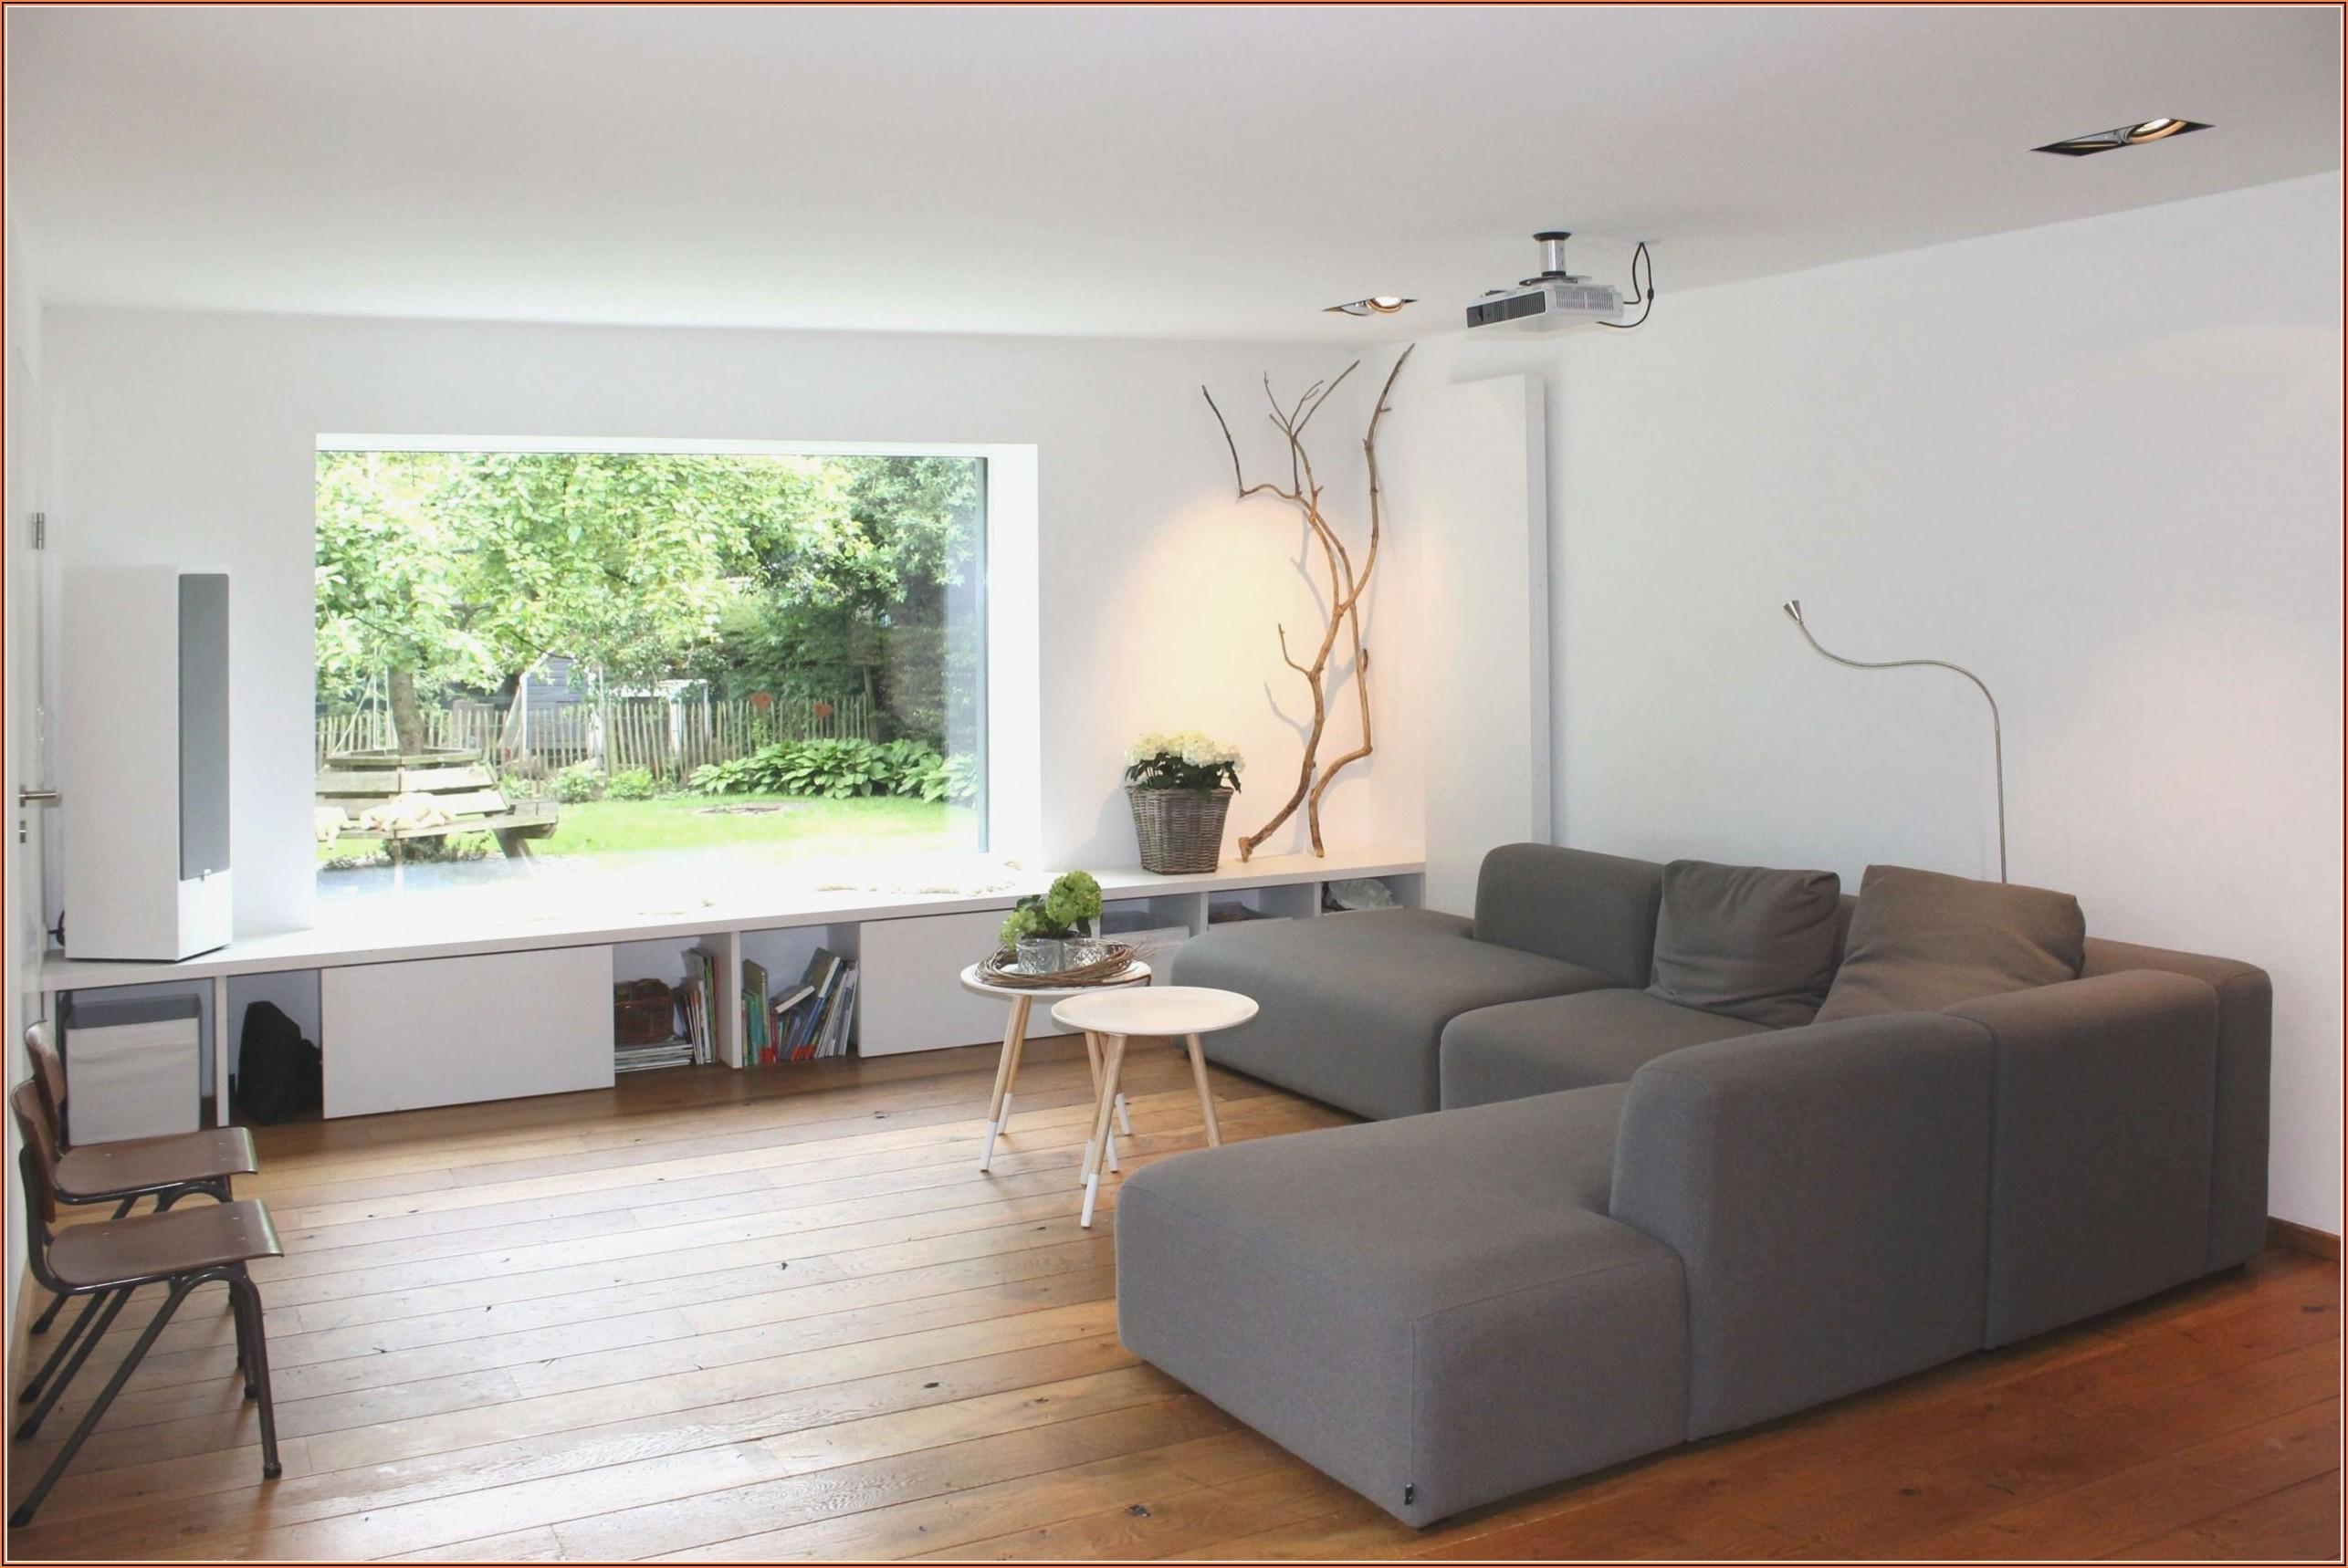 Foto Bilder Wohnzimmer